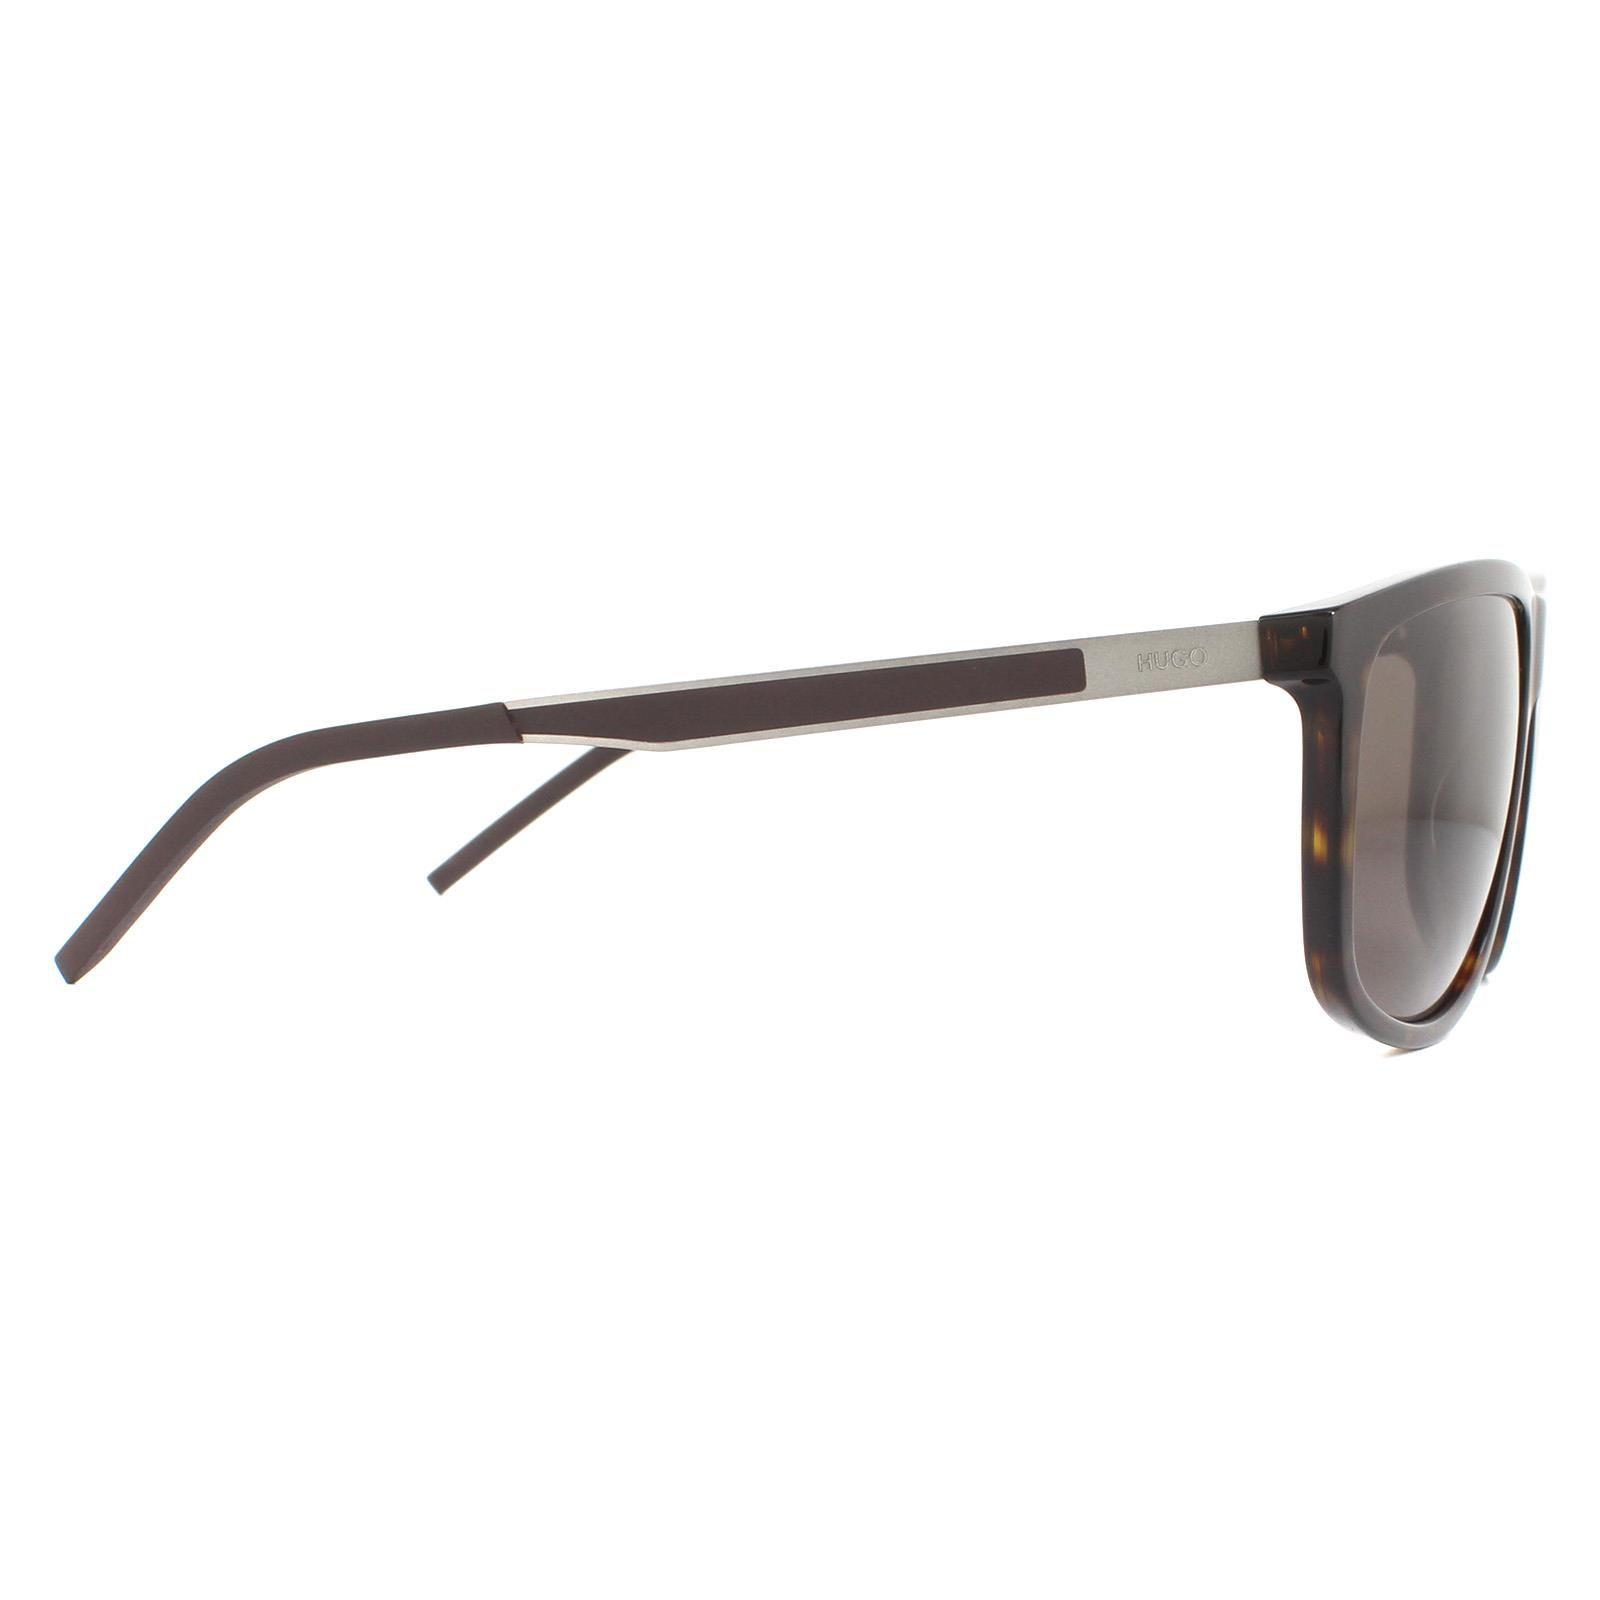 Hugo by Hugo Boss Sunglasses HG1138/S 086/70 Havana Brown